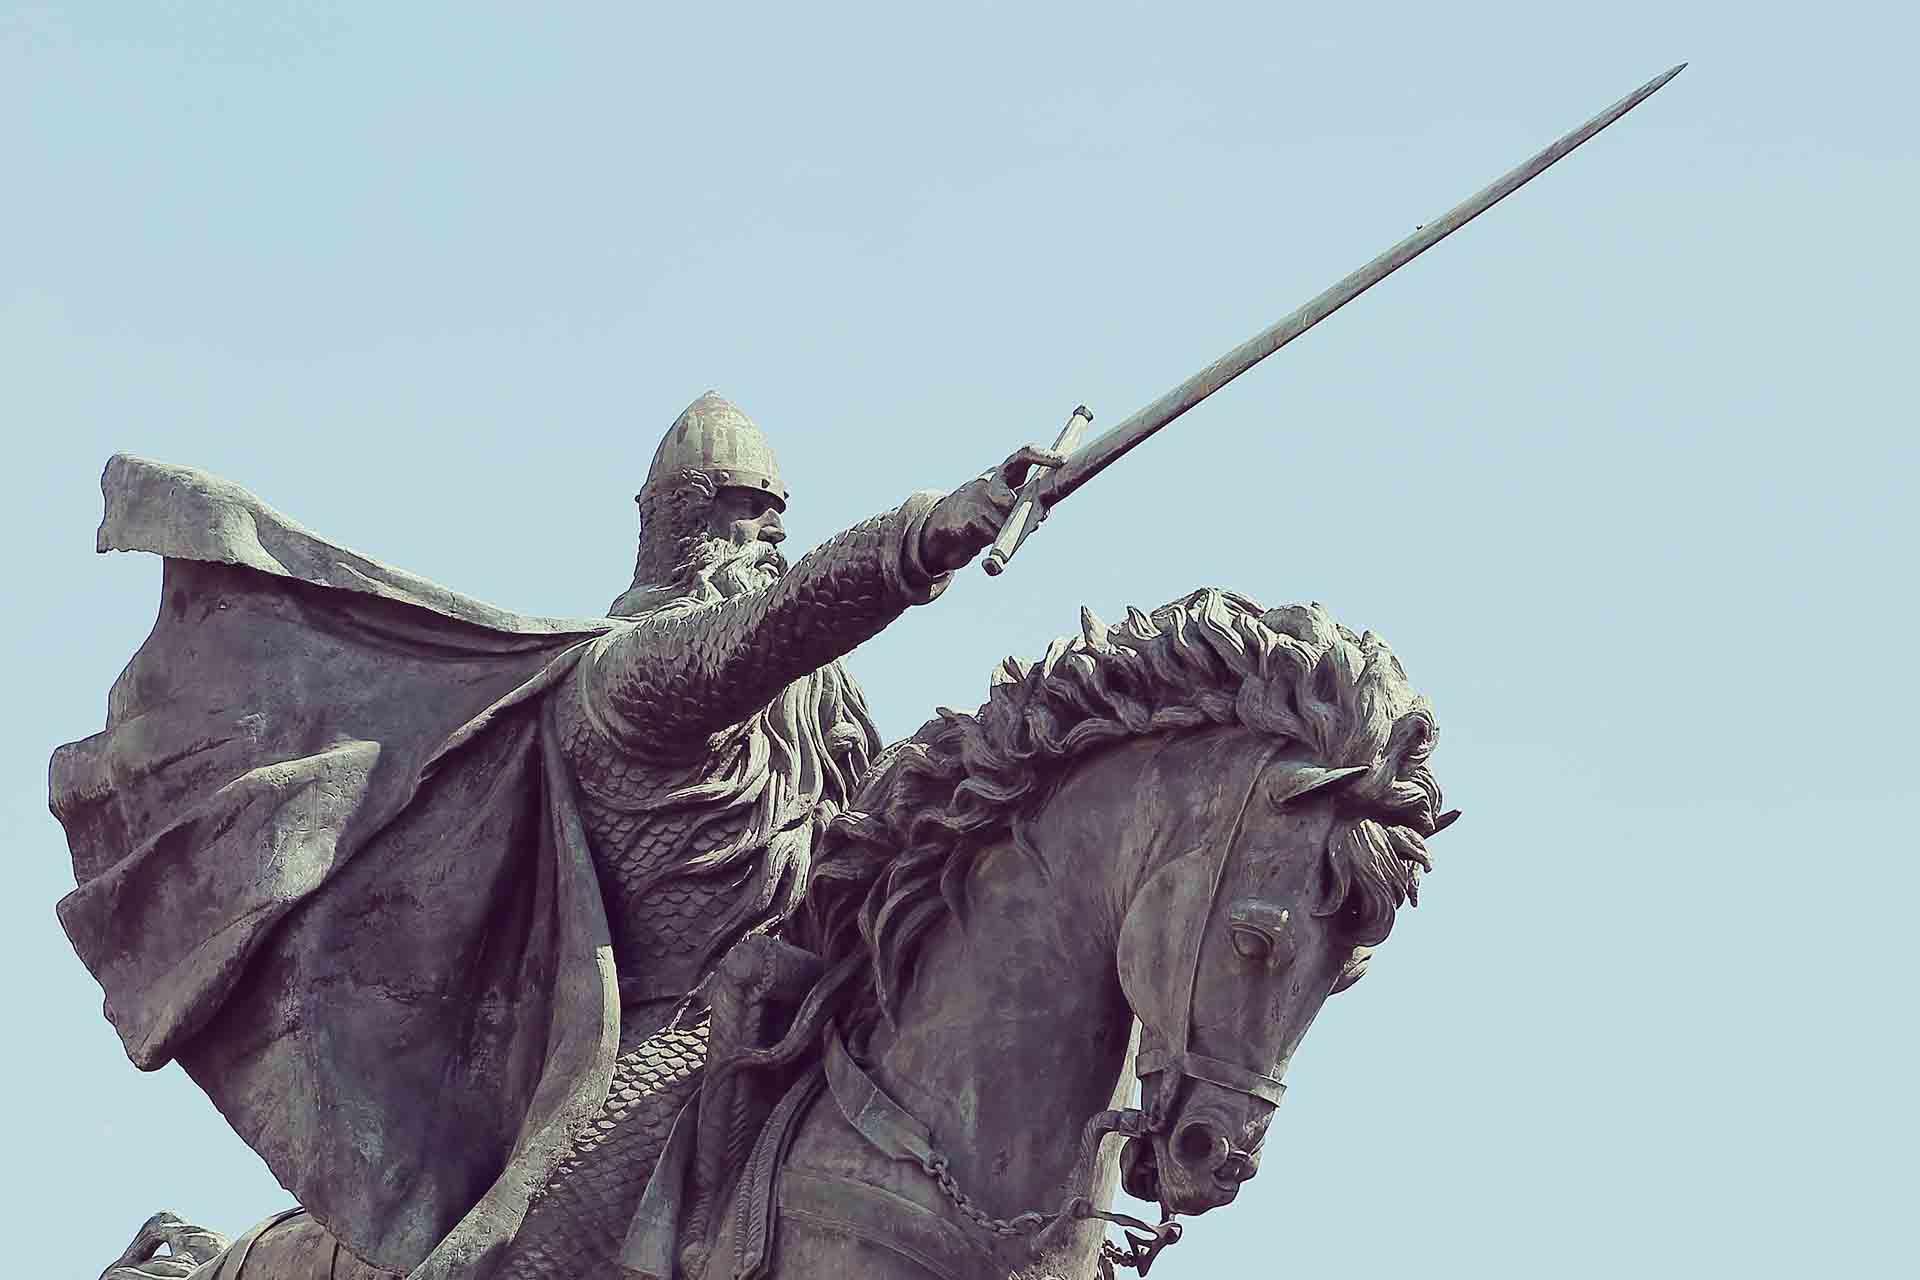 ¿Conoces la ruta de la conquista del Cid? Adéntrate en su historia